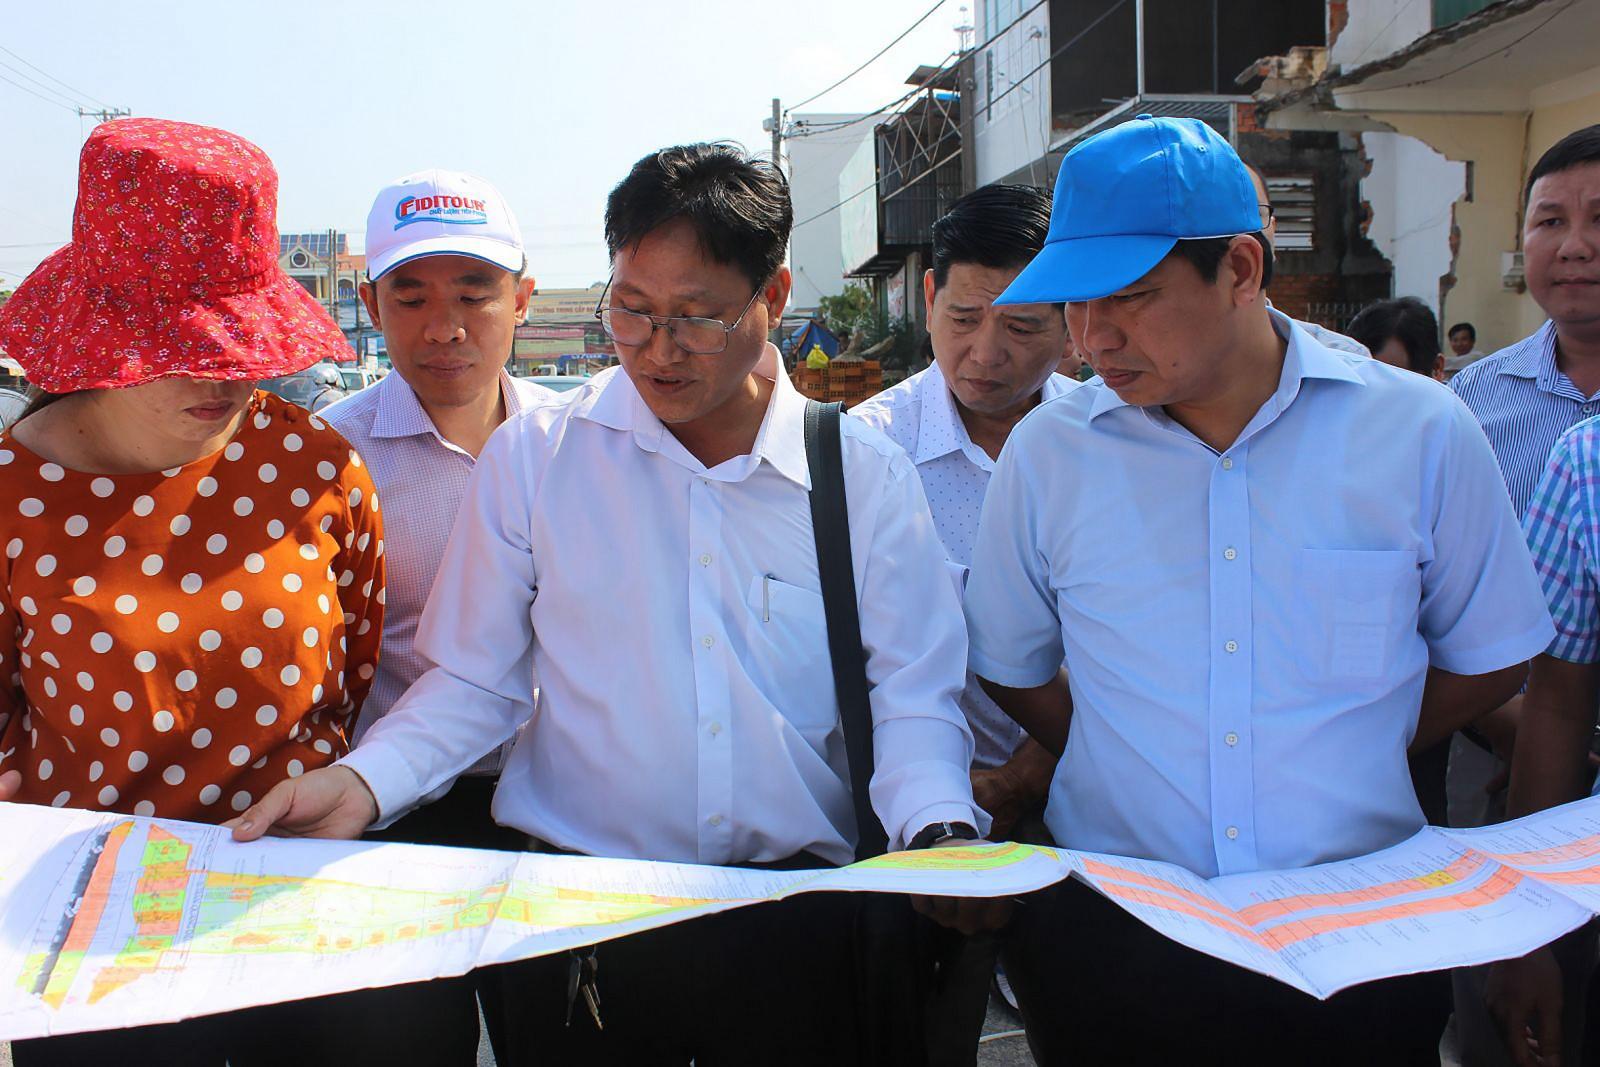 Lãnh đạo UBND thành phố kiểm tra, tháo gỡ khó khăn trong công tác bồi thường, hỗ trợ và tái định cư, phục vụ đẩy nhanh tiến độ công trình đường nối Cách Mạng Tháng Tám đến đường tỉnh 918.